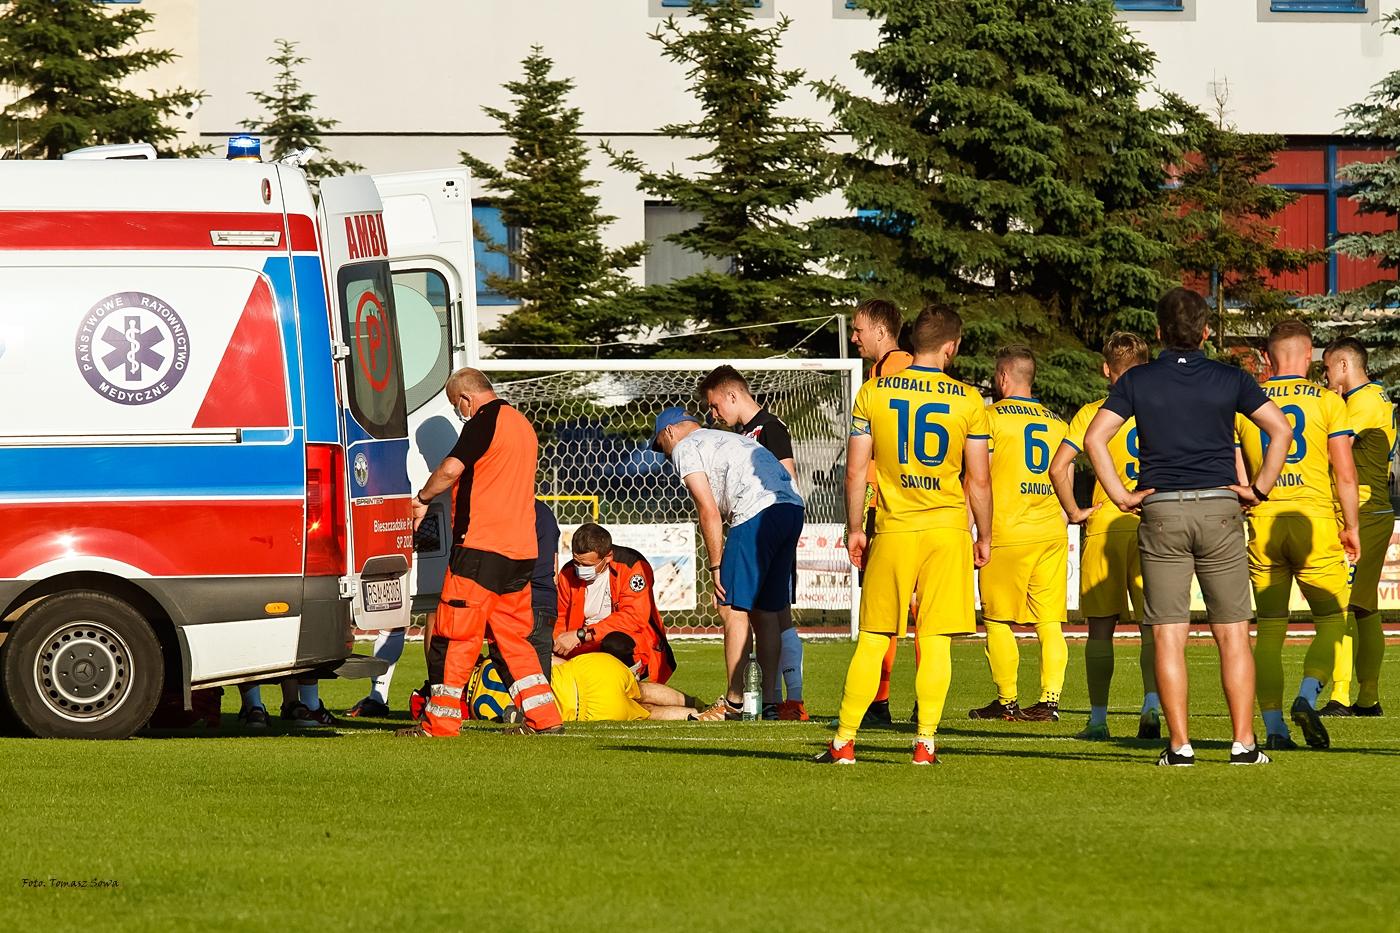 Chwile grozy na meczu Stali Sanok. Zawodnik stracił przytomność i został przewieziony do szpitala [ZDJĘCIA] - Zdjęcie główne